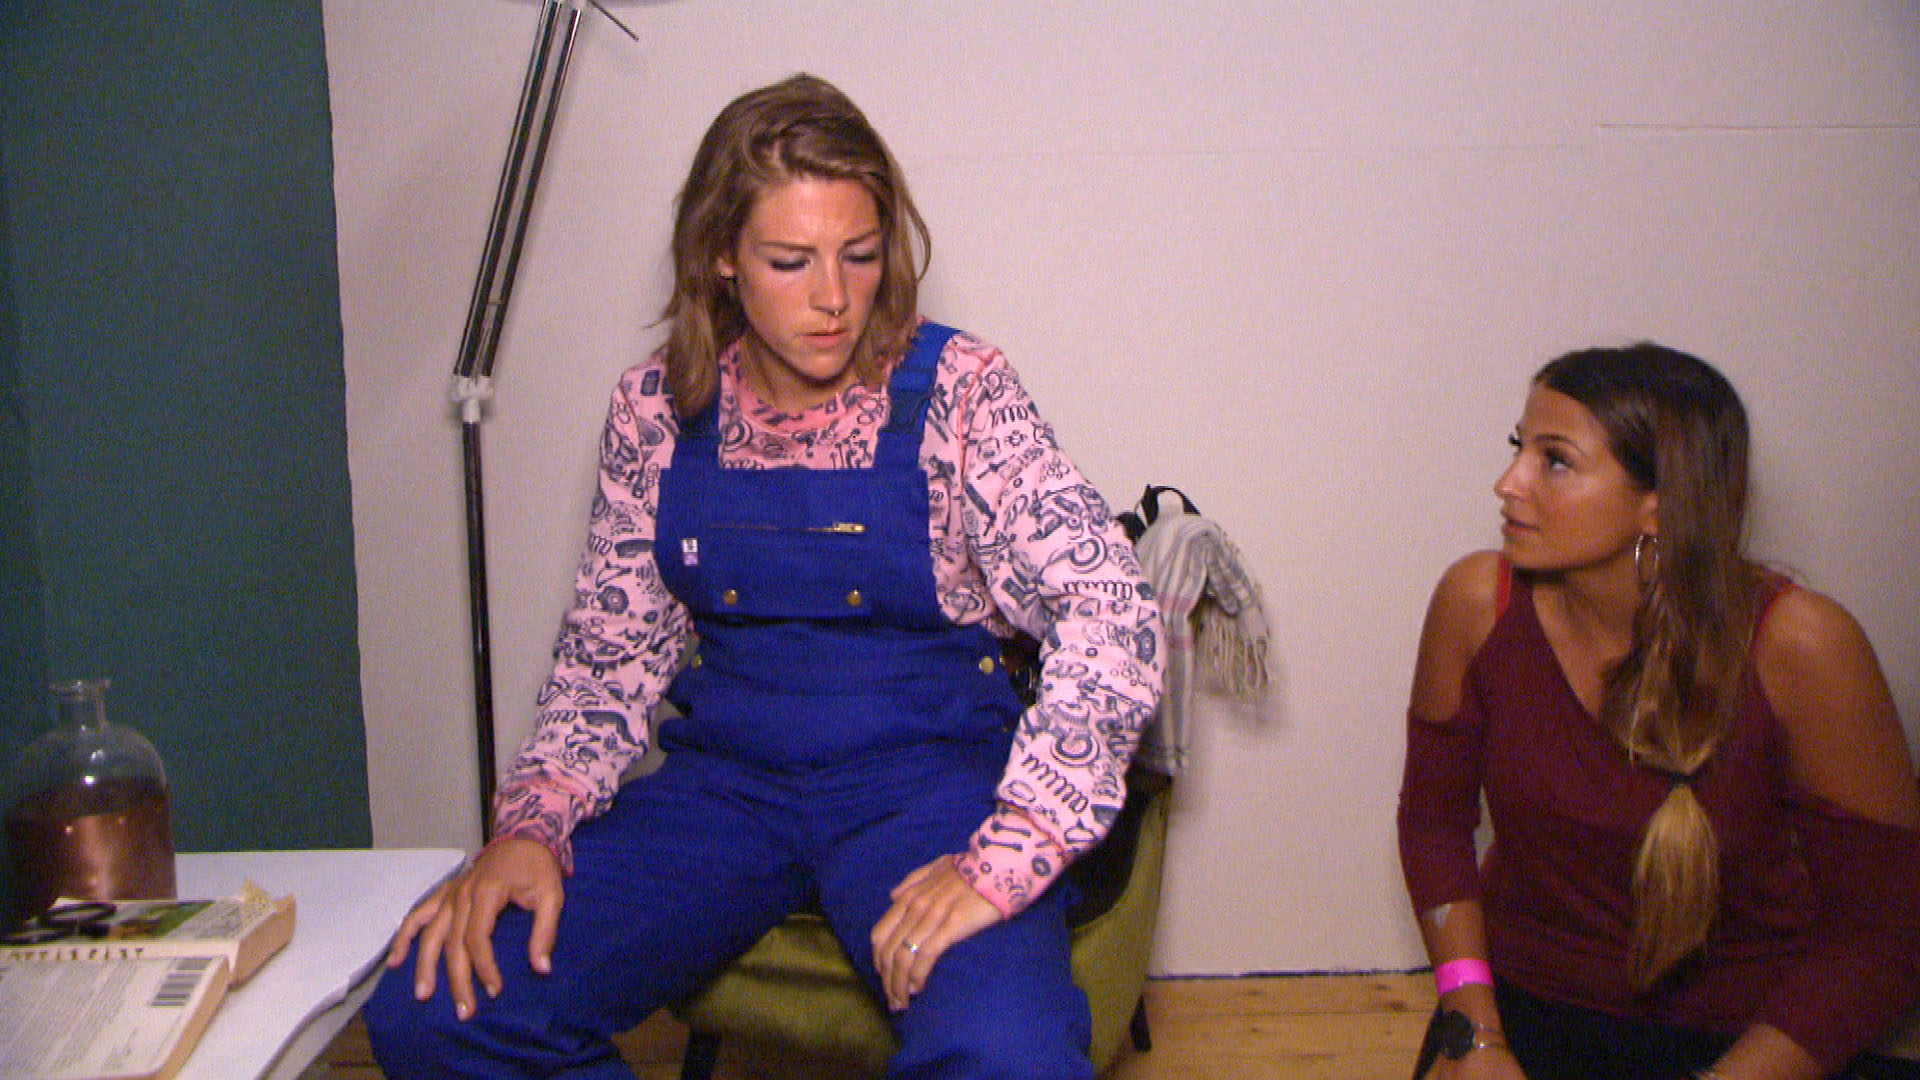 Alessia (re.) wünscht sich ihre alte Freundschaft mit Alina (li.) zurück, aber Alina ist dazu noch nicht bereit. (Quelle: RTL 2)